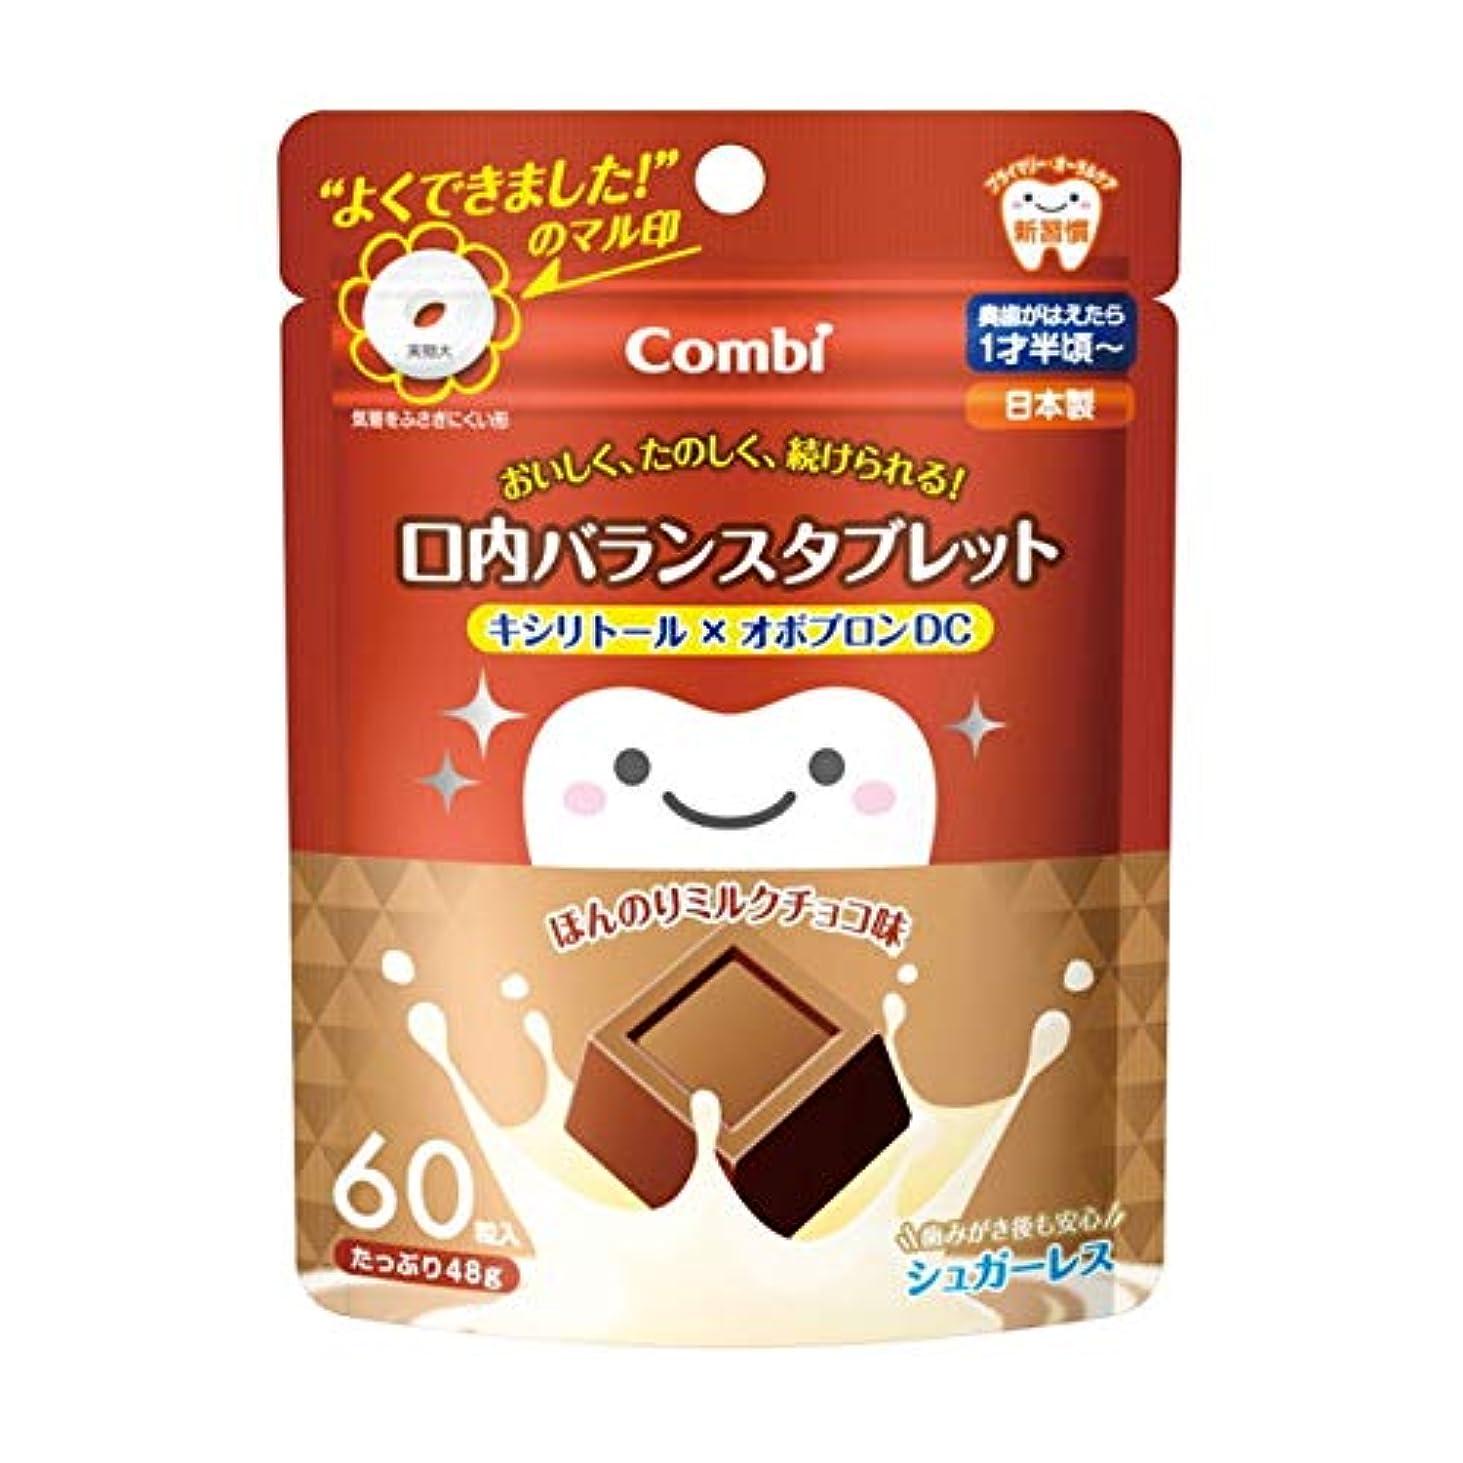 護衛習字アロングテテオ 口内バランスタブレット(ミルクチョコ) 60粒